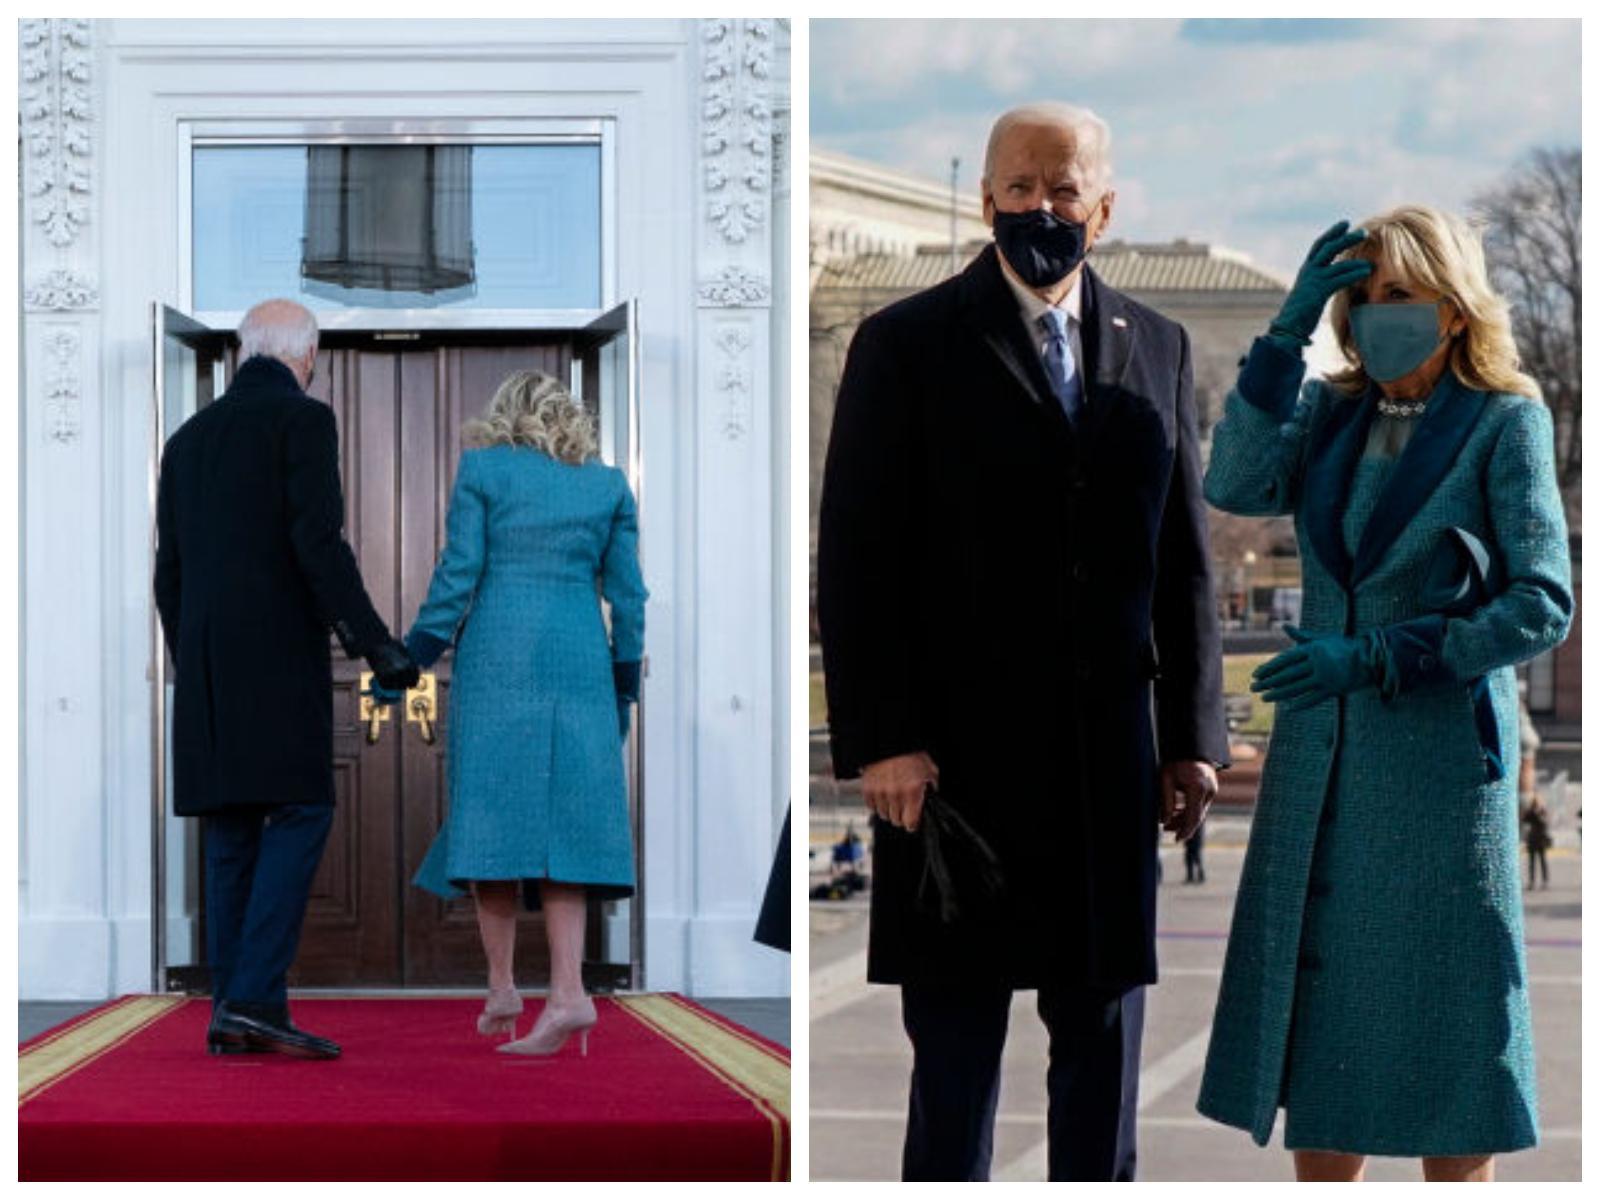 """Moment stânjenitor pentru soții Biden: """"Ne deschide și nouă ușa cineva?"""" Ce s-a întâmplat când au ajuns la Casa Albă"""